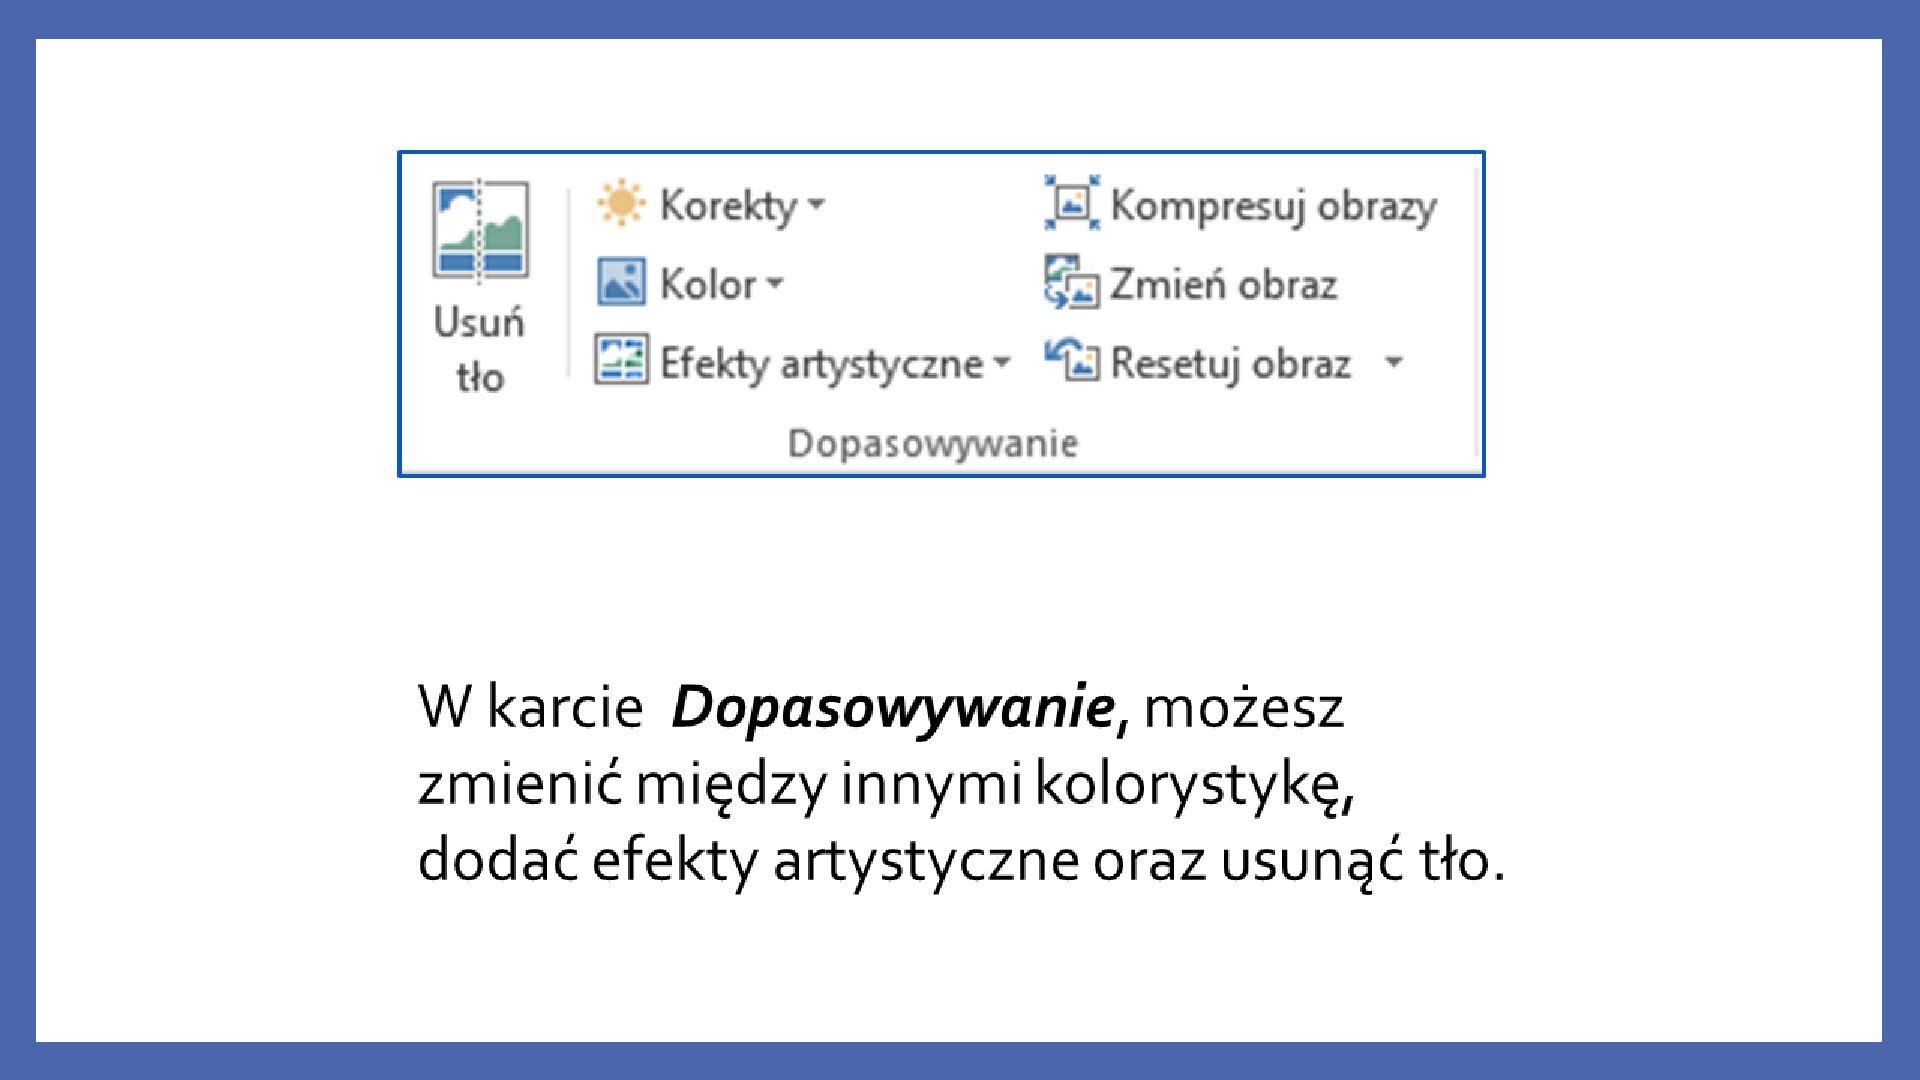 Slajd 9 galerii zrzutów slajdów: Modyfikacja obiektów wprogramie MS PowerPoint